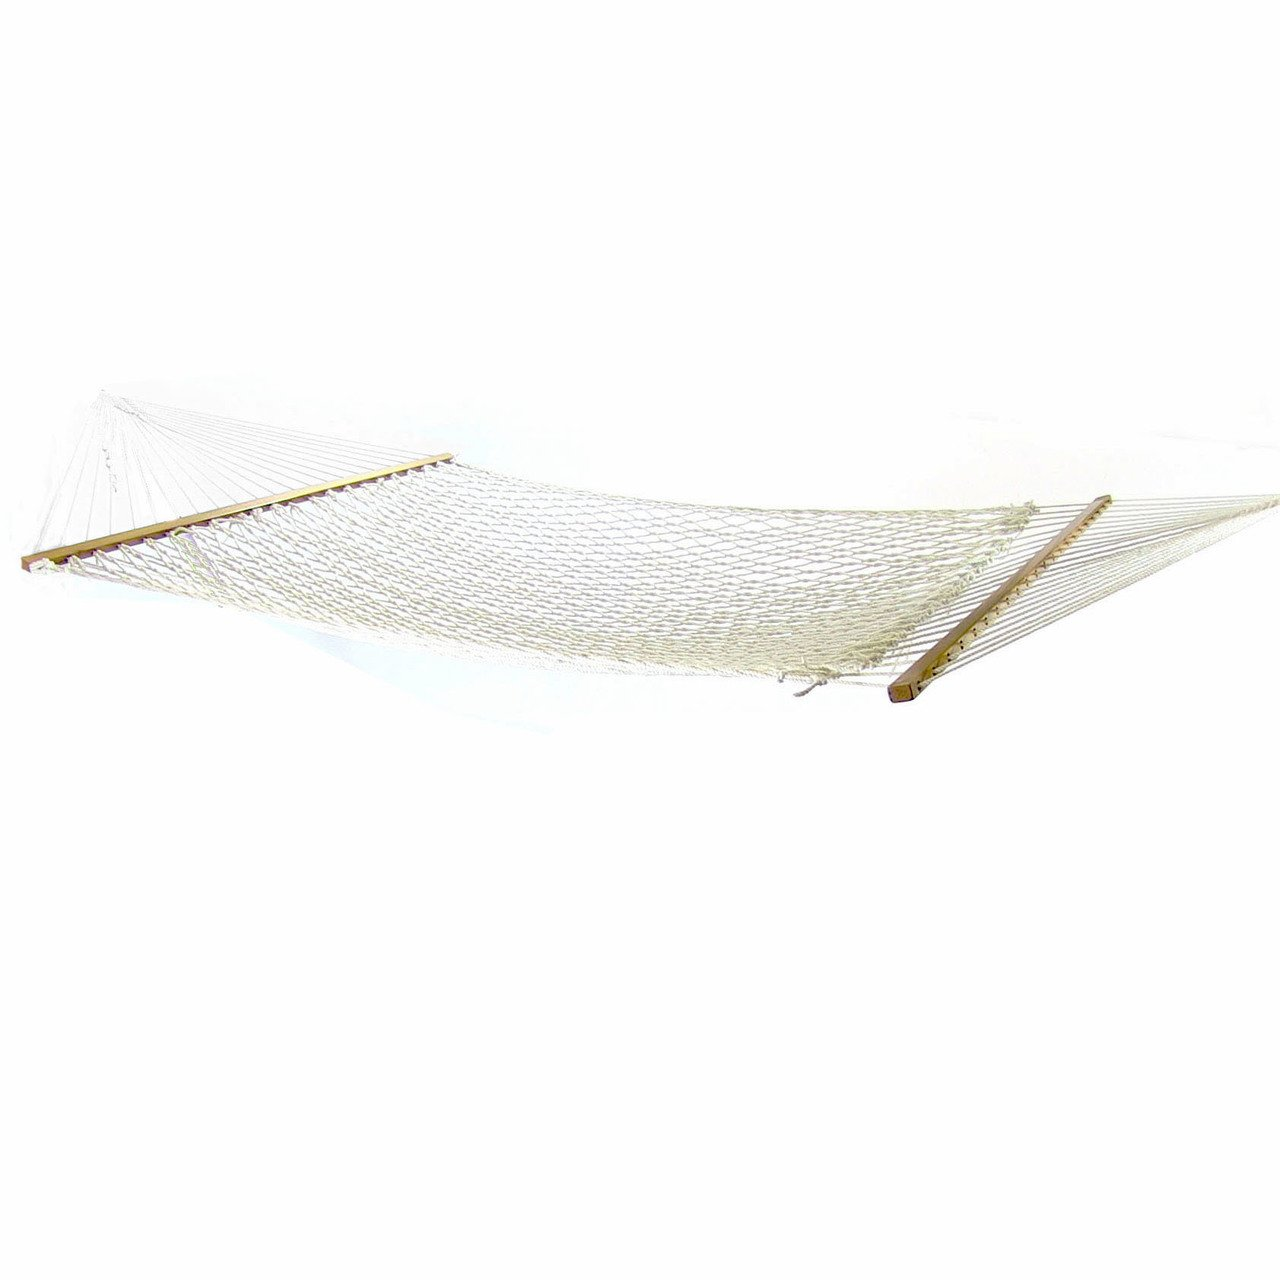 weatherproof la spreader n swings lasiesta avocado kingsize hammock california hammocks bar siesta products rope